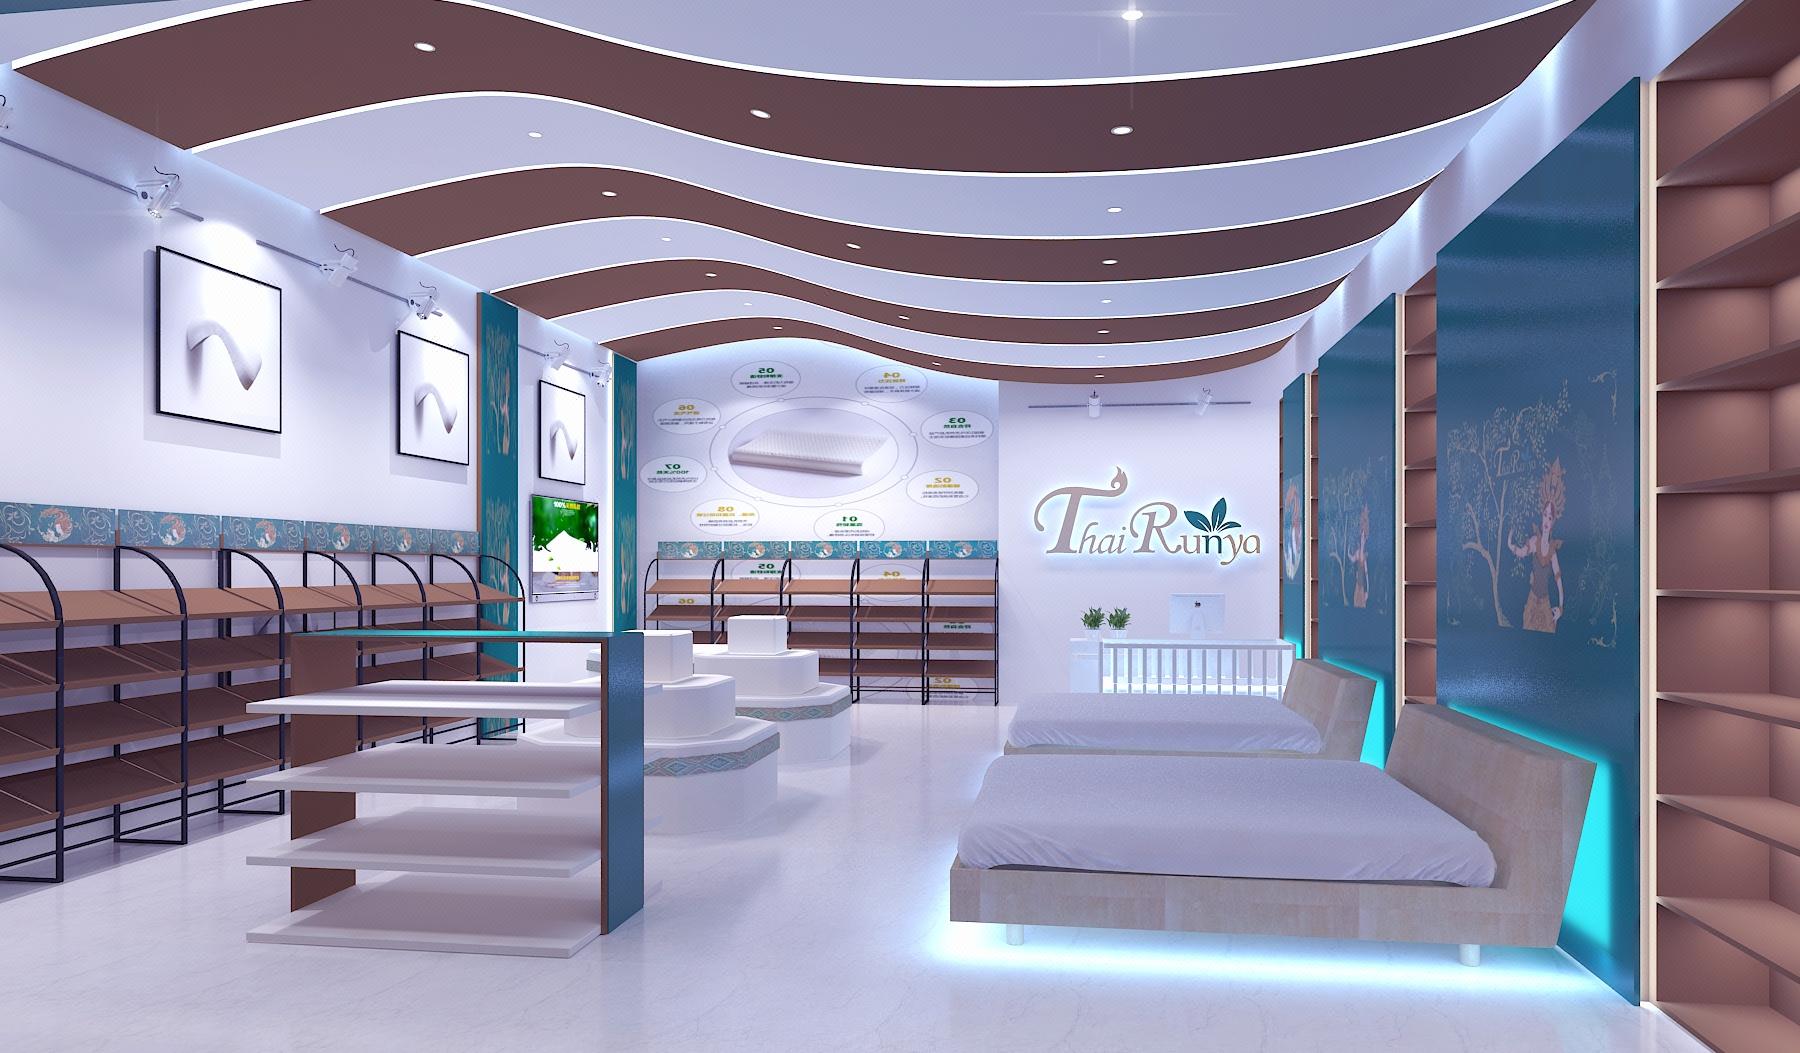 特产店铺v特产店面门头装修设计西餐厅咖啡厅西饼商铺芸树空间设计平面设计中减构是什么图片